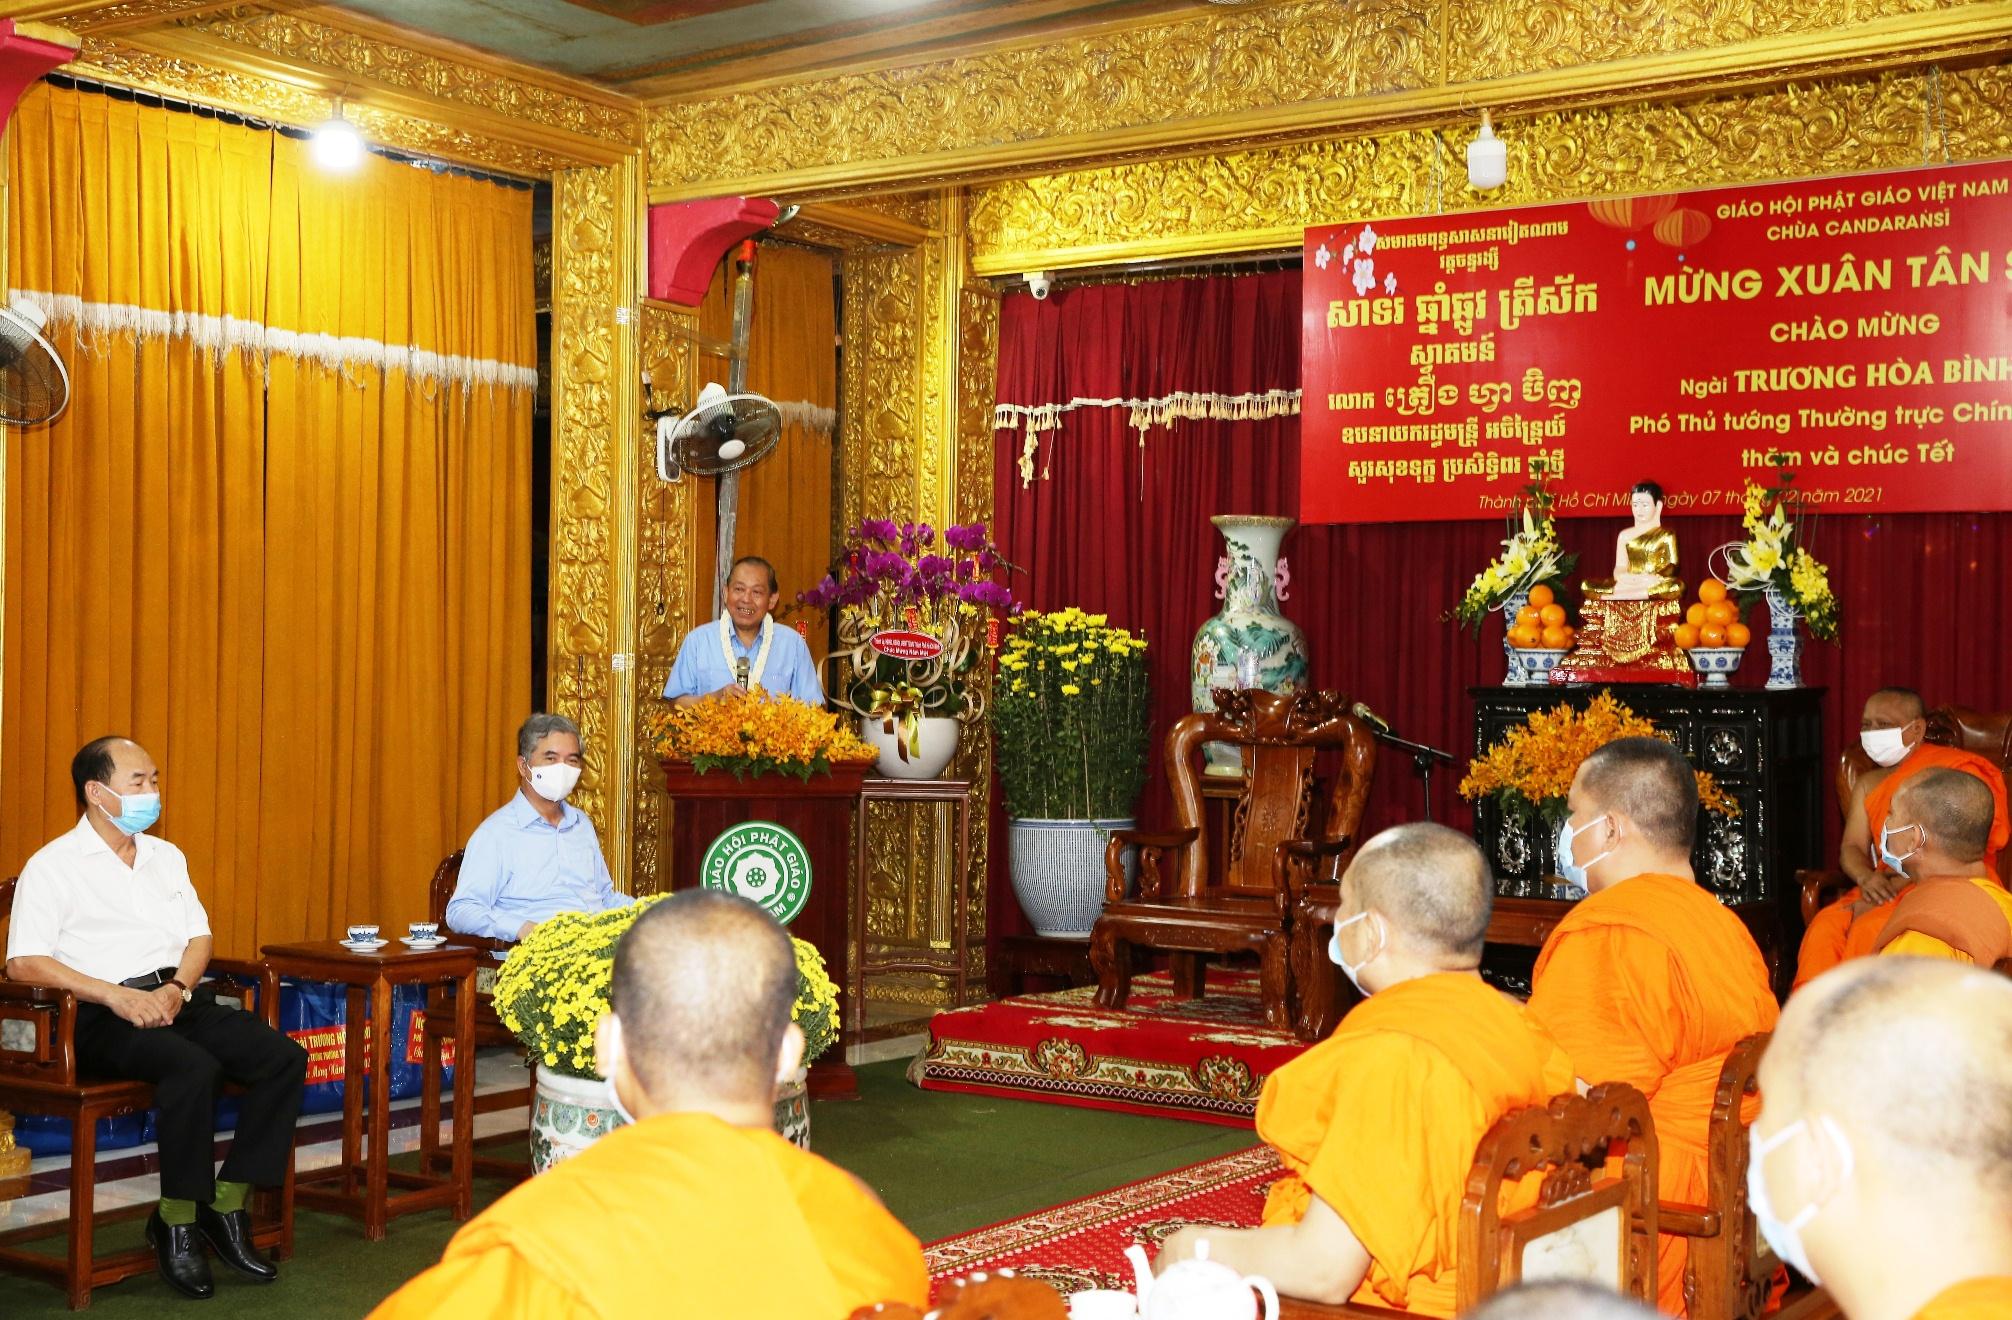 Phó Thủ tướng Thường trực Chính phủ Trương Hòa Bình phát biểu tại buổi đến thăm chư tăng, đồng bào Khmer tại TPHCM. Ảnh: VGP/Mạnh Hùng